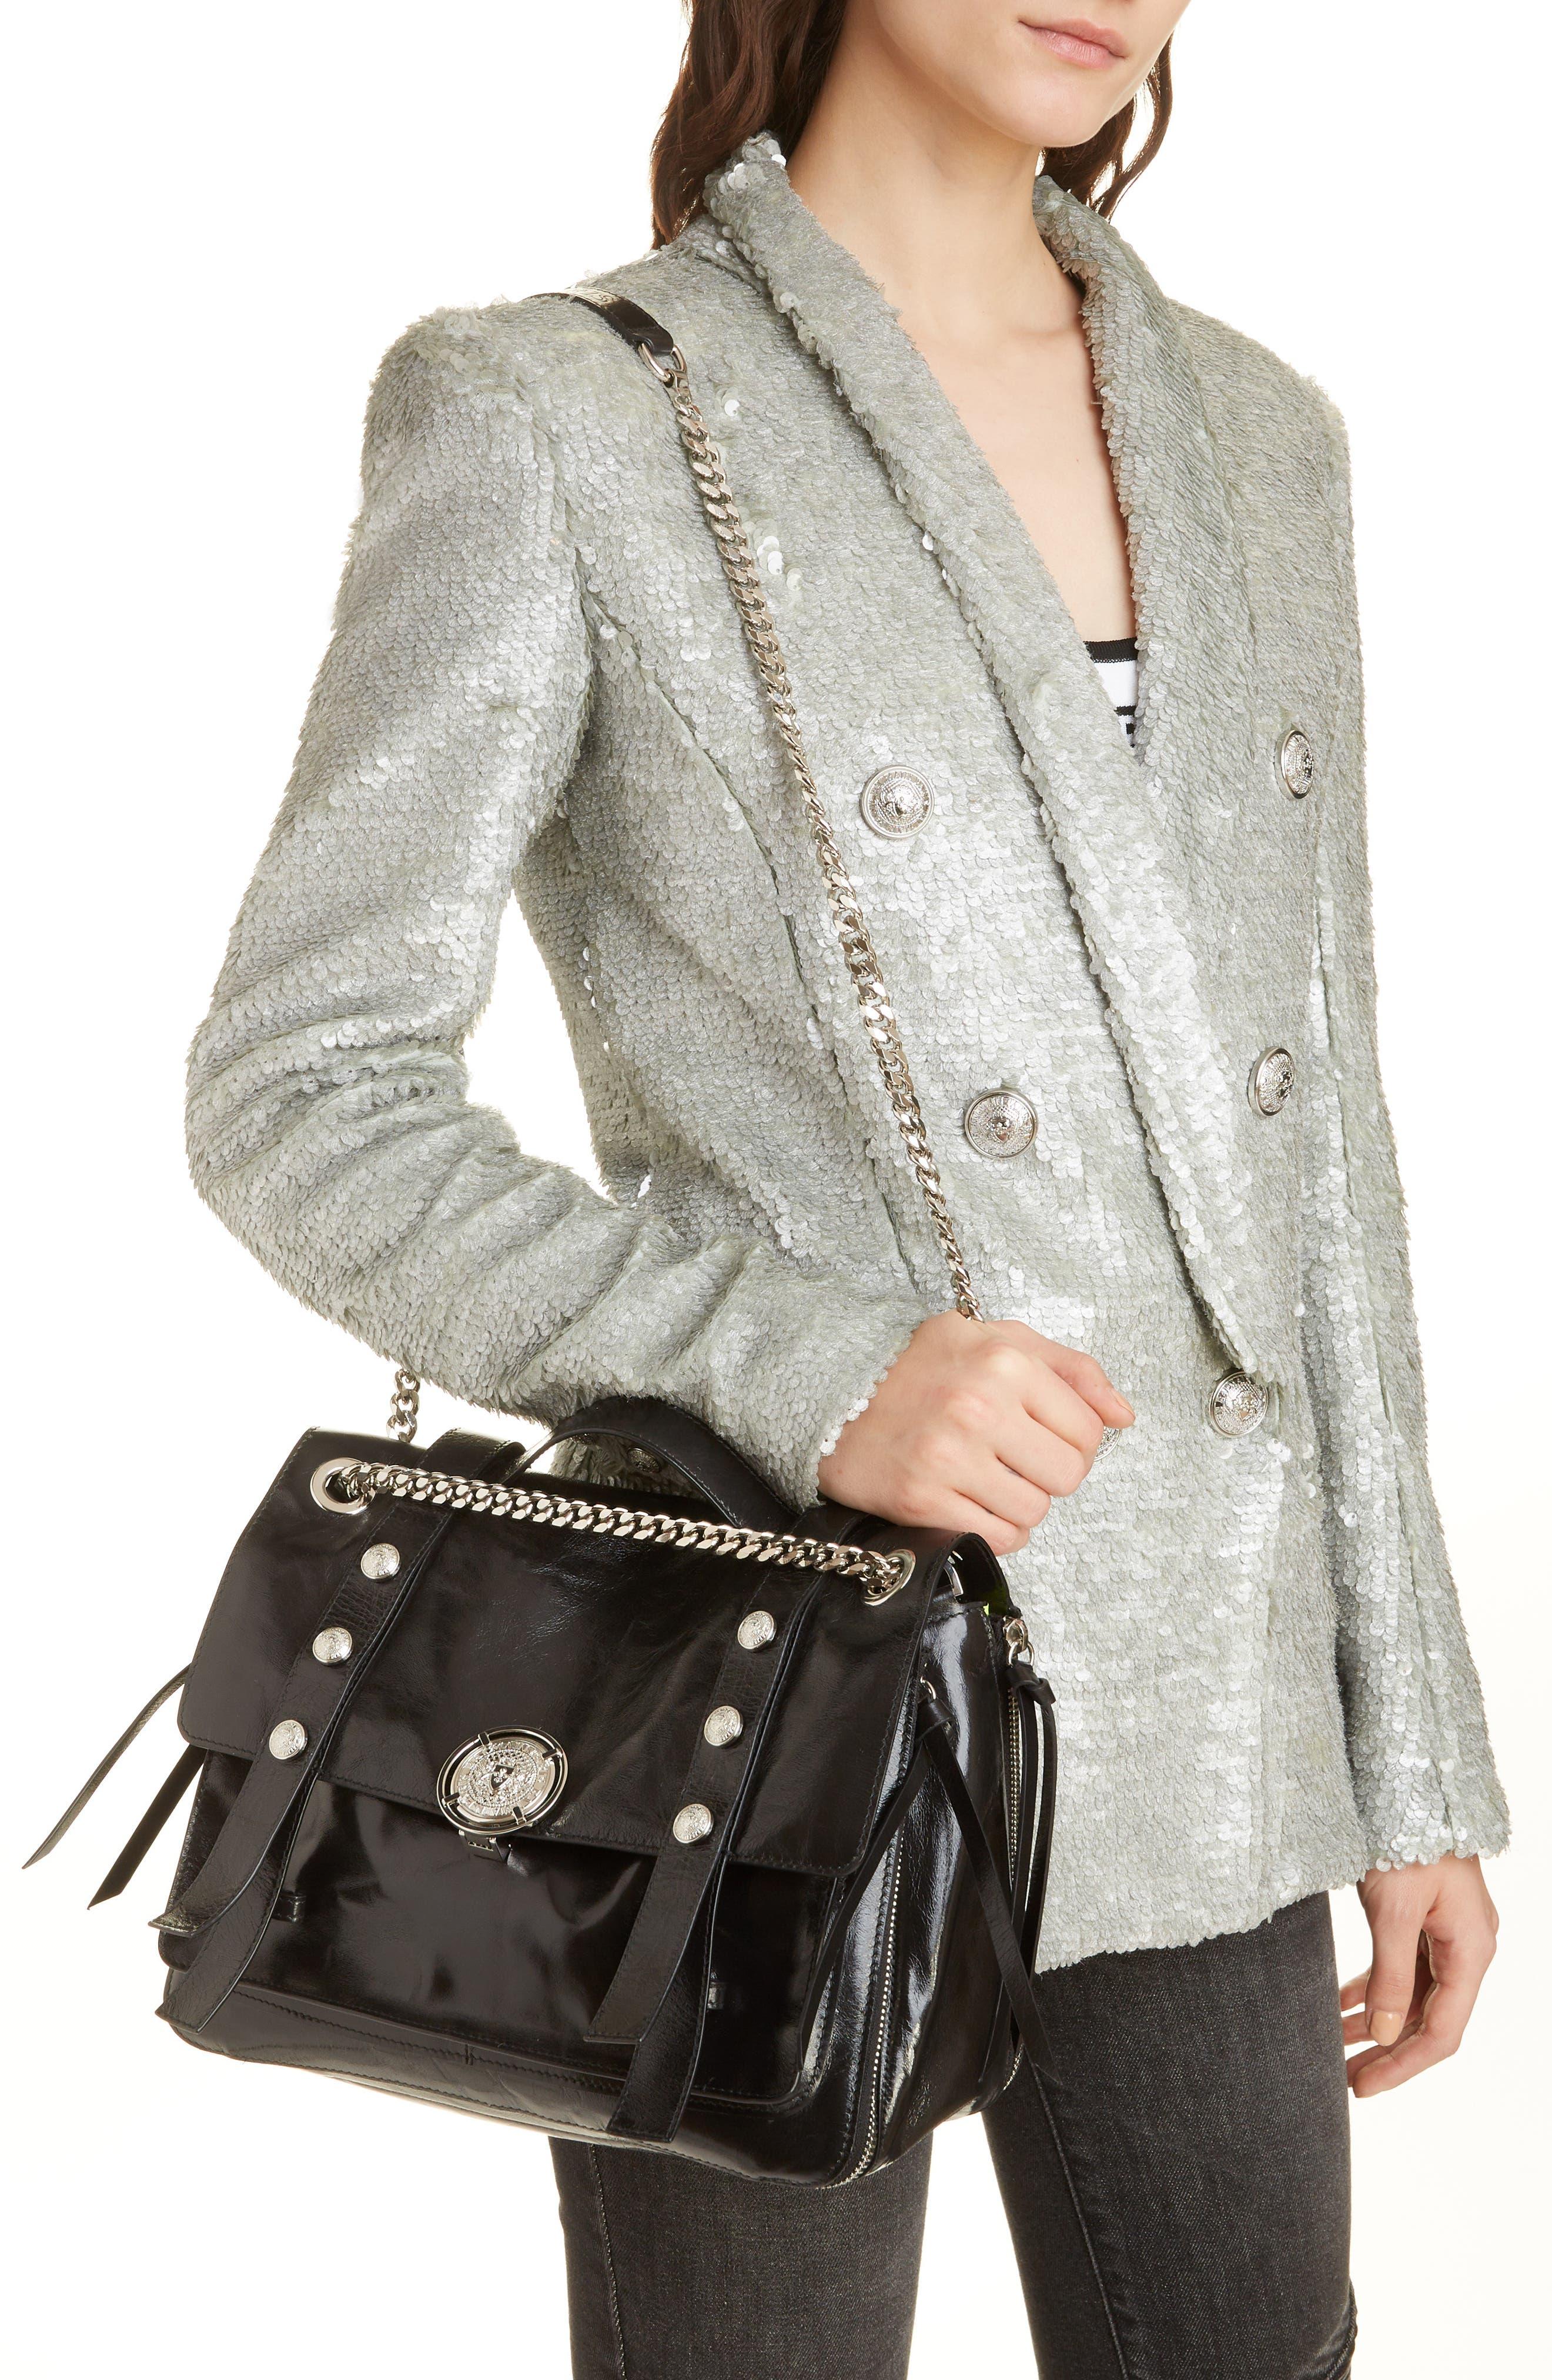 Studded Calfskin Leather Shoulder Bag,                             Alternate thumbnail 2, color,                             001